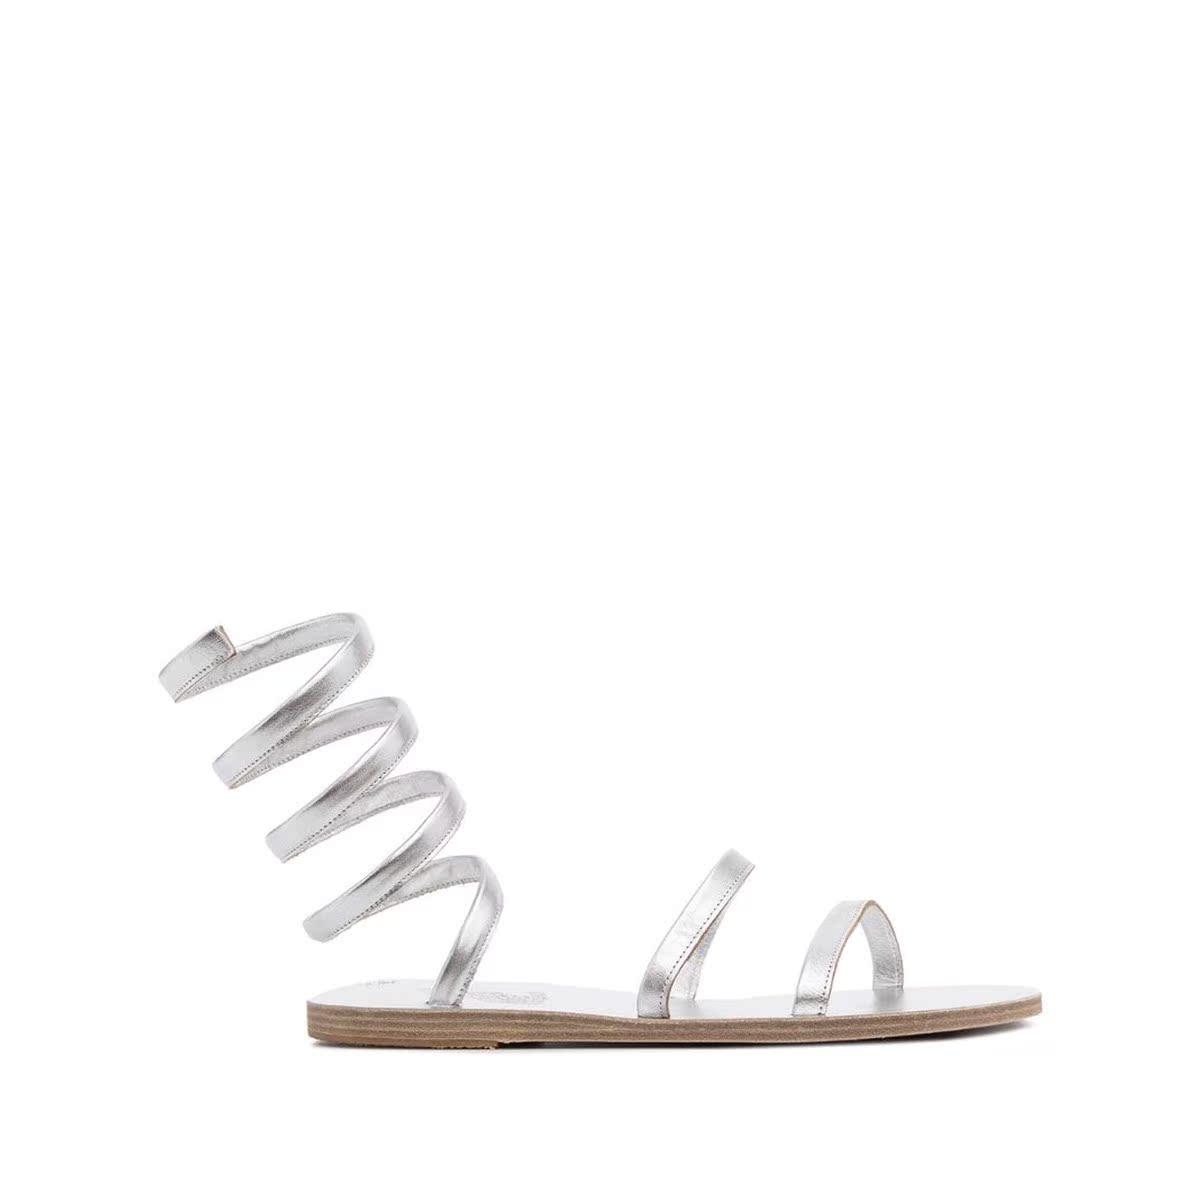 代购Ancient Greek Sandals Ofis 金属感裹踝带凉鞋2021新款简单